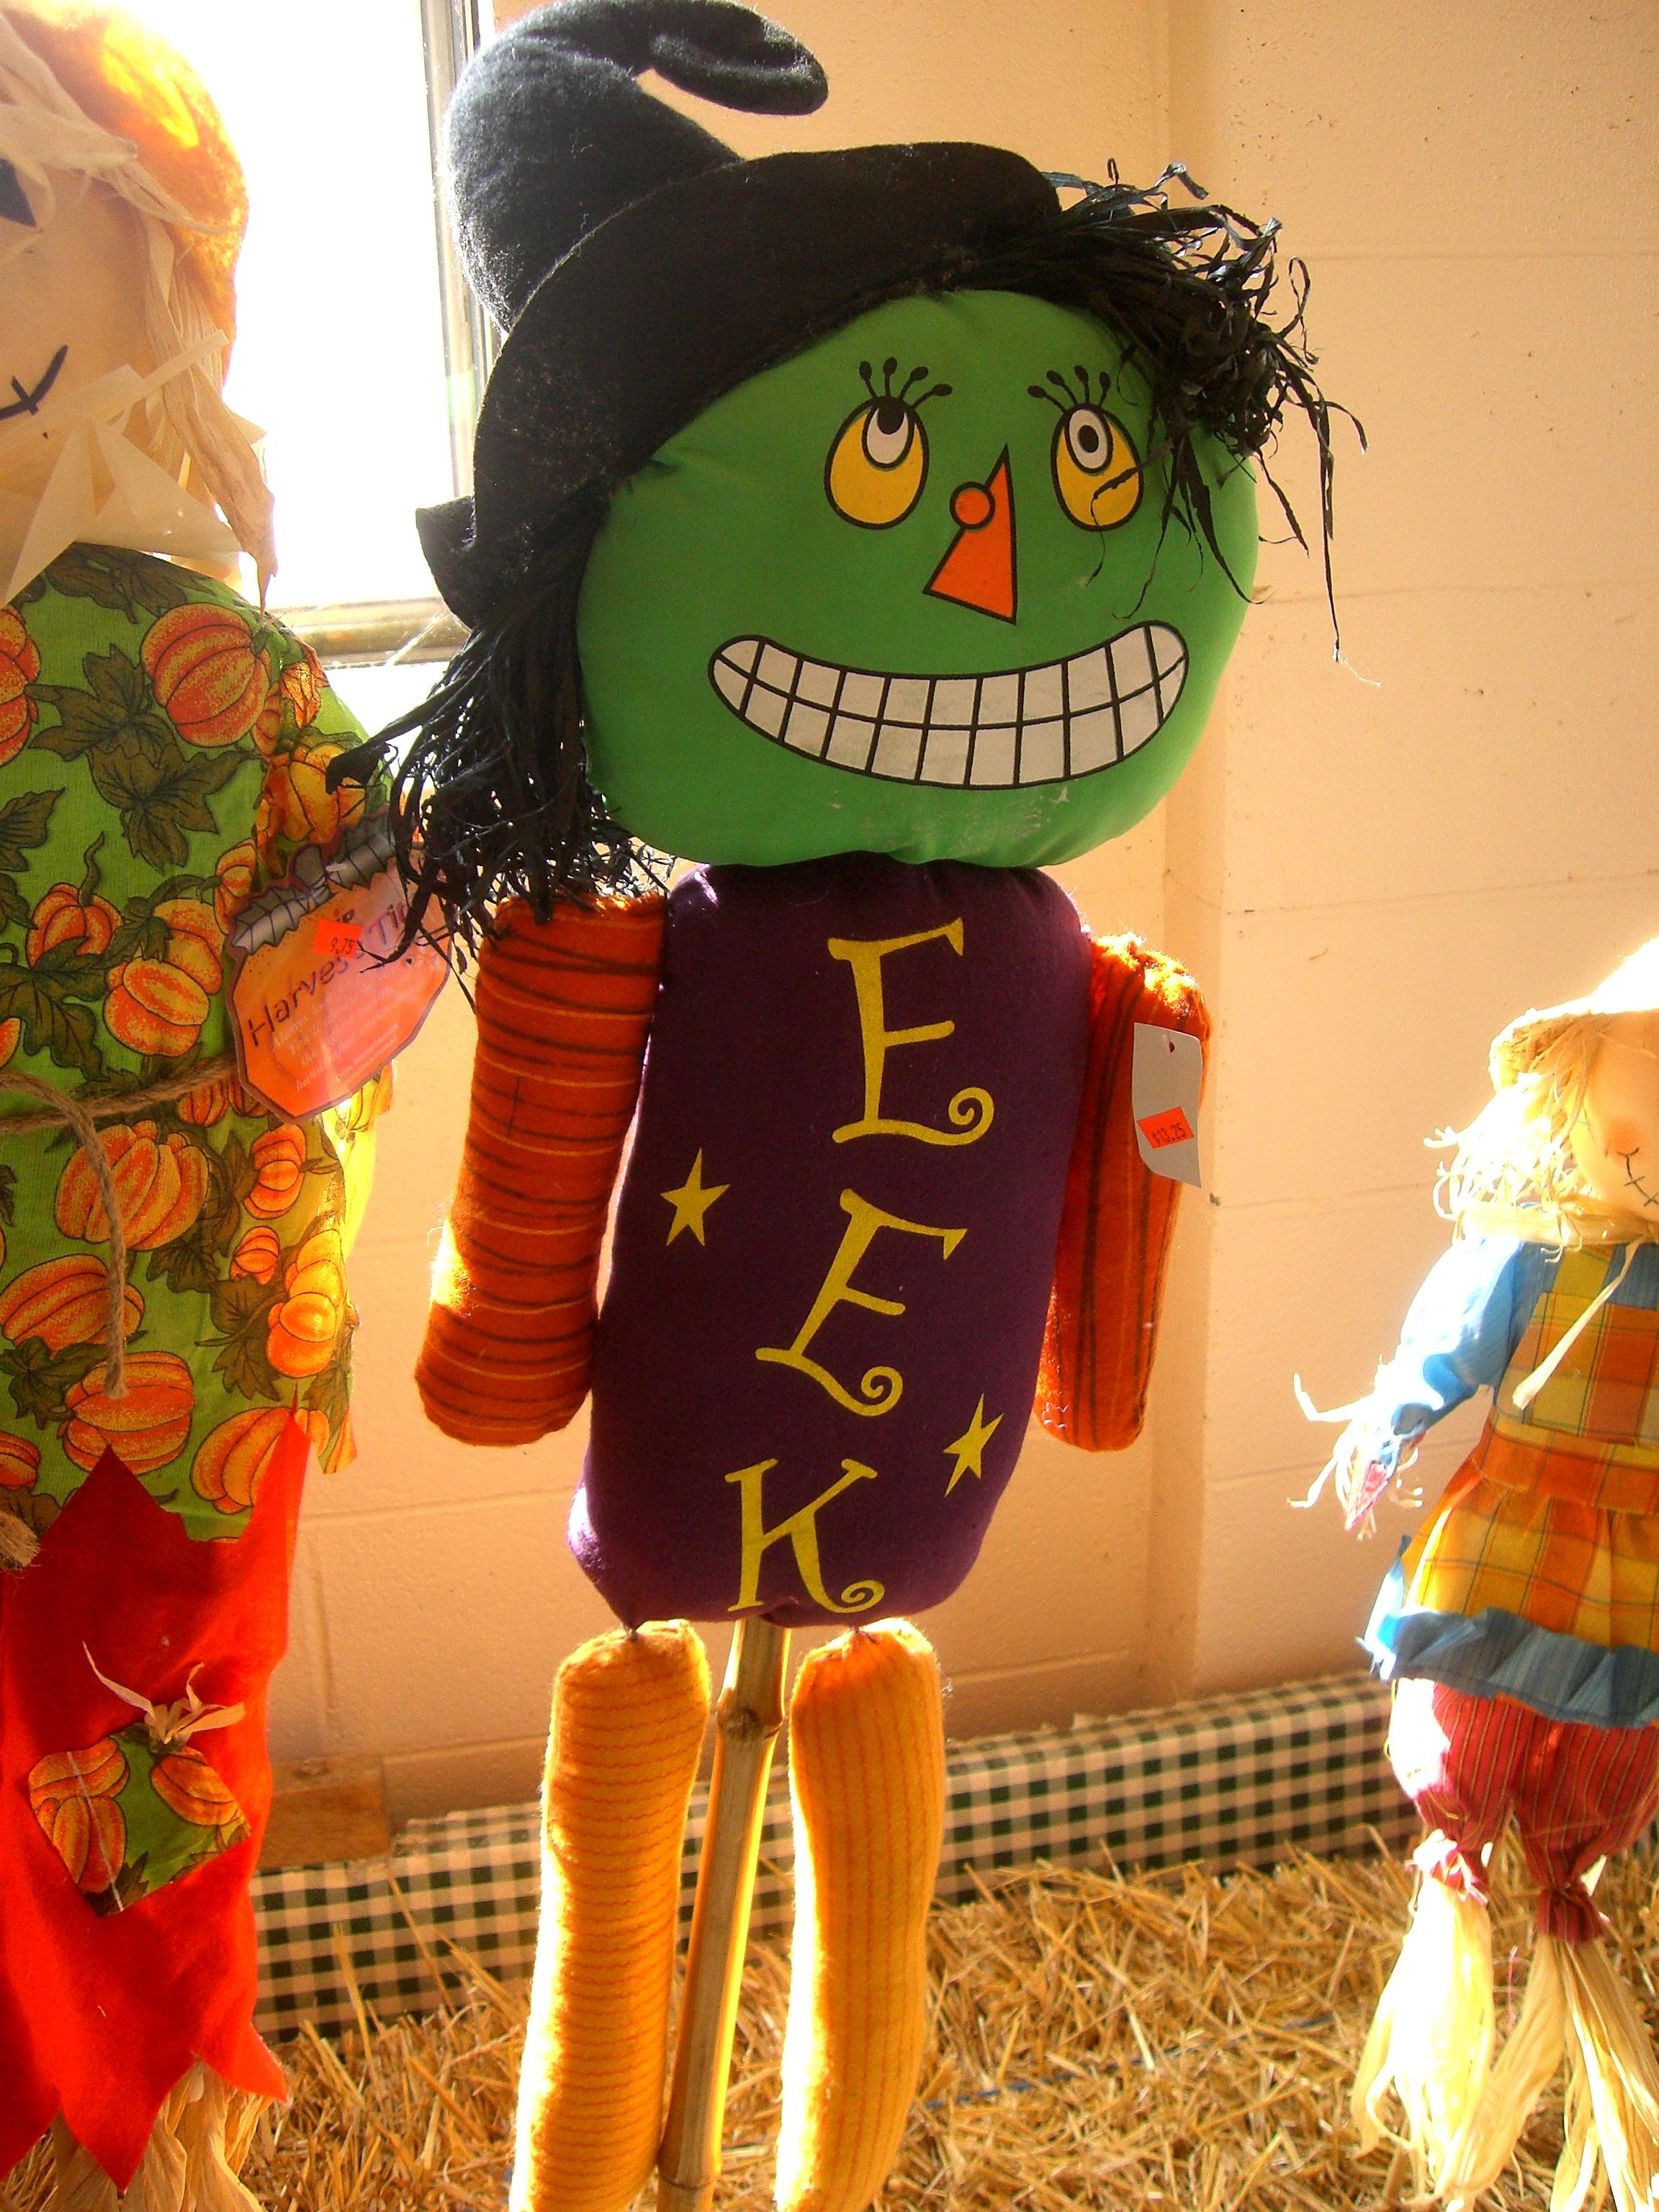 Eek! Puppet, Autumn, Fall, Halloween, Puppet, HQ Photo